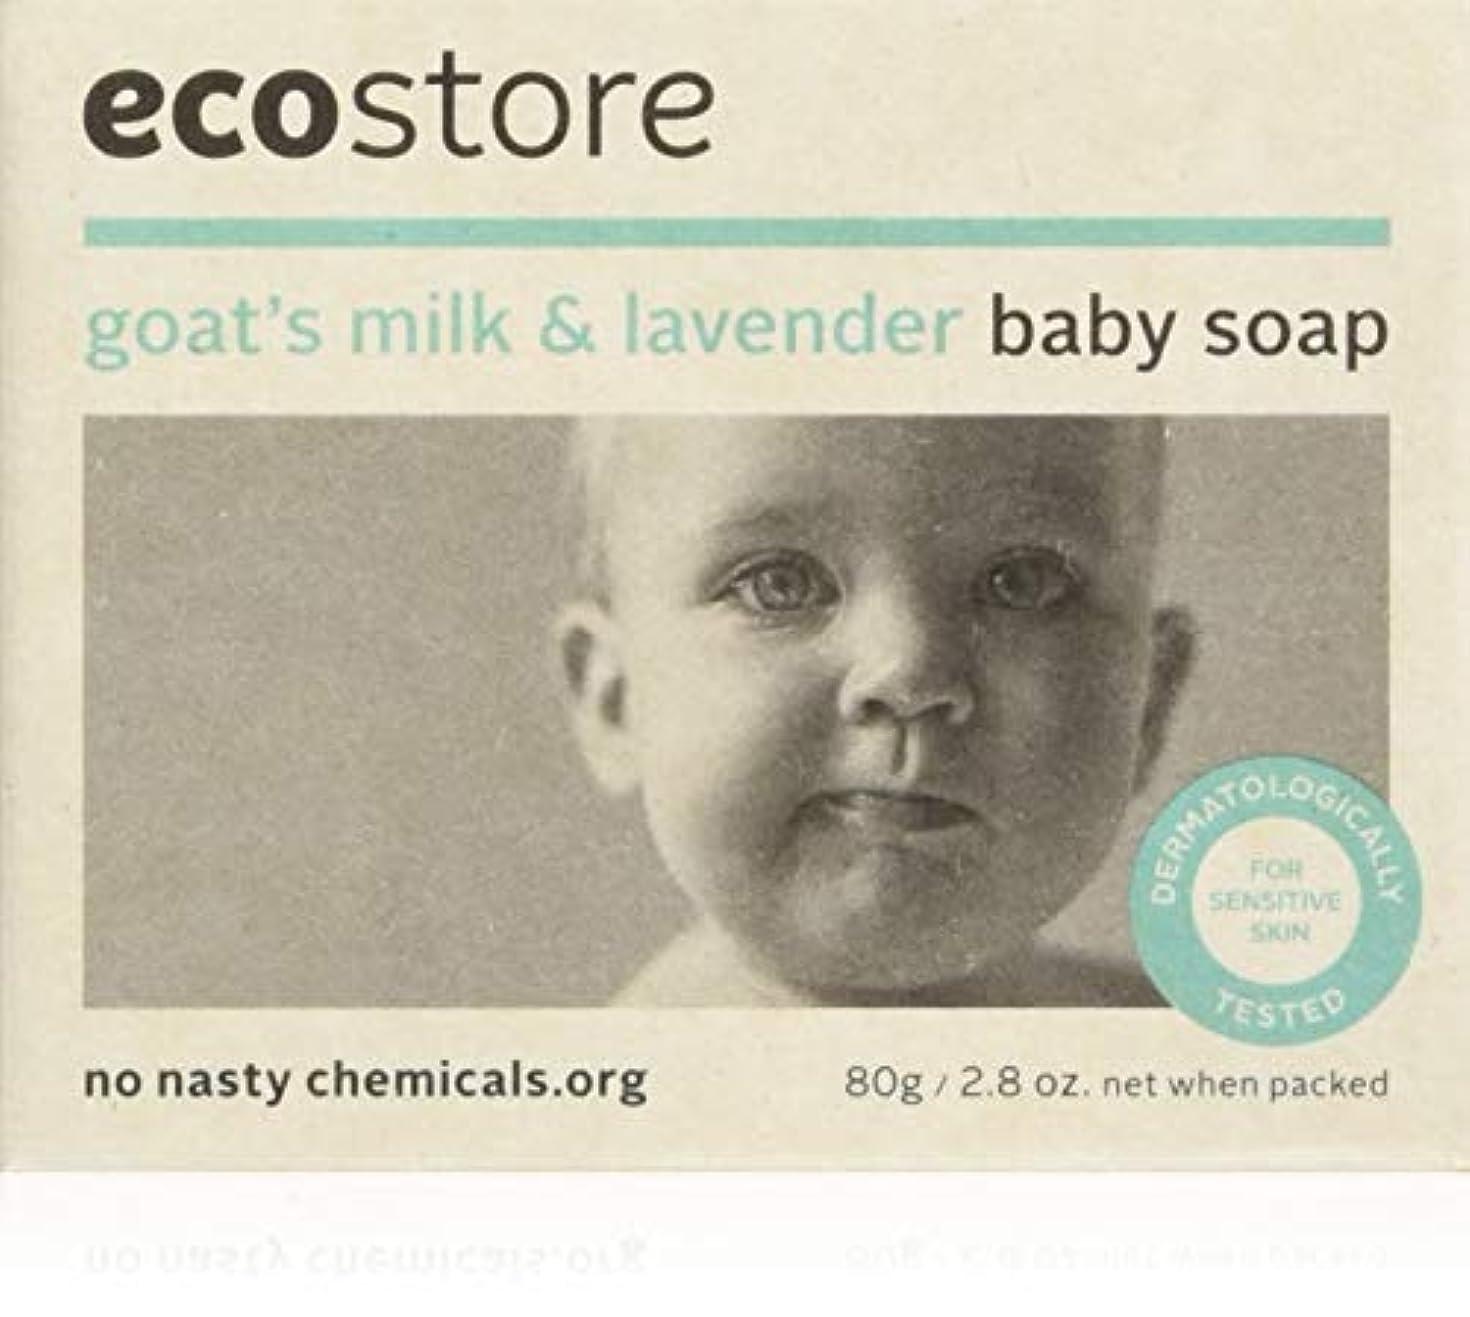 個人ライオネルグリーンストリート厄介なecostore エコストア ベビーソープ 【ラベンダー】 80g ベビー 赤ちゃん用 石鹸